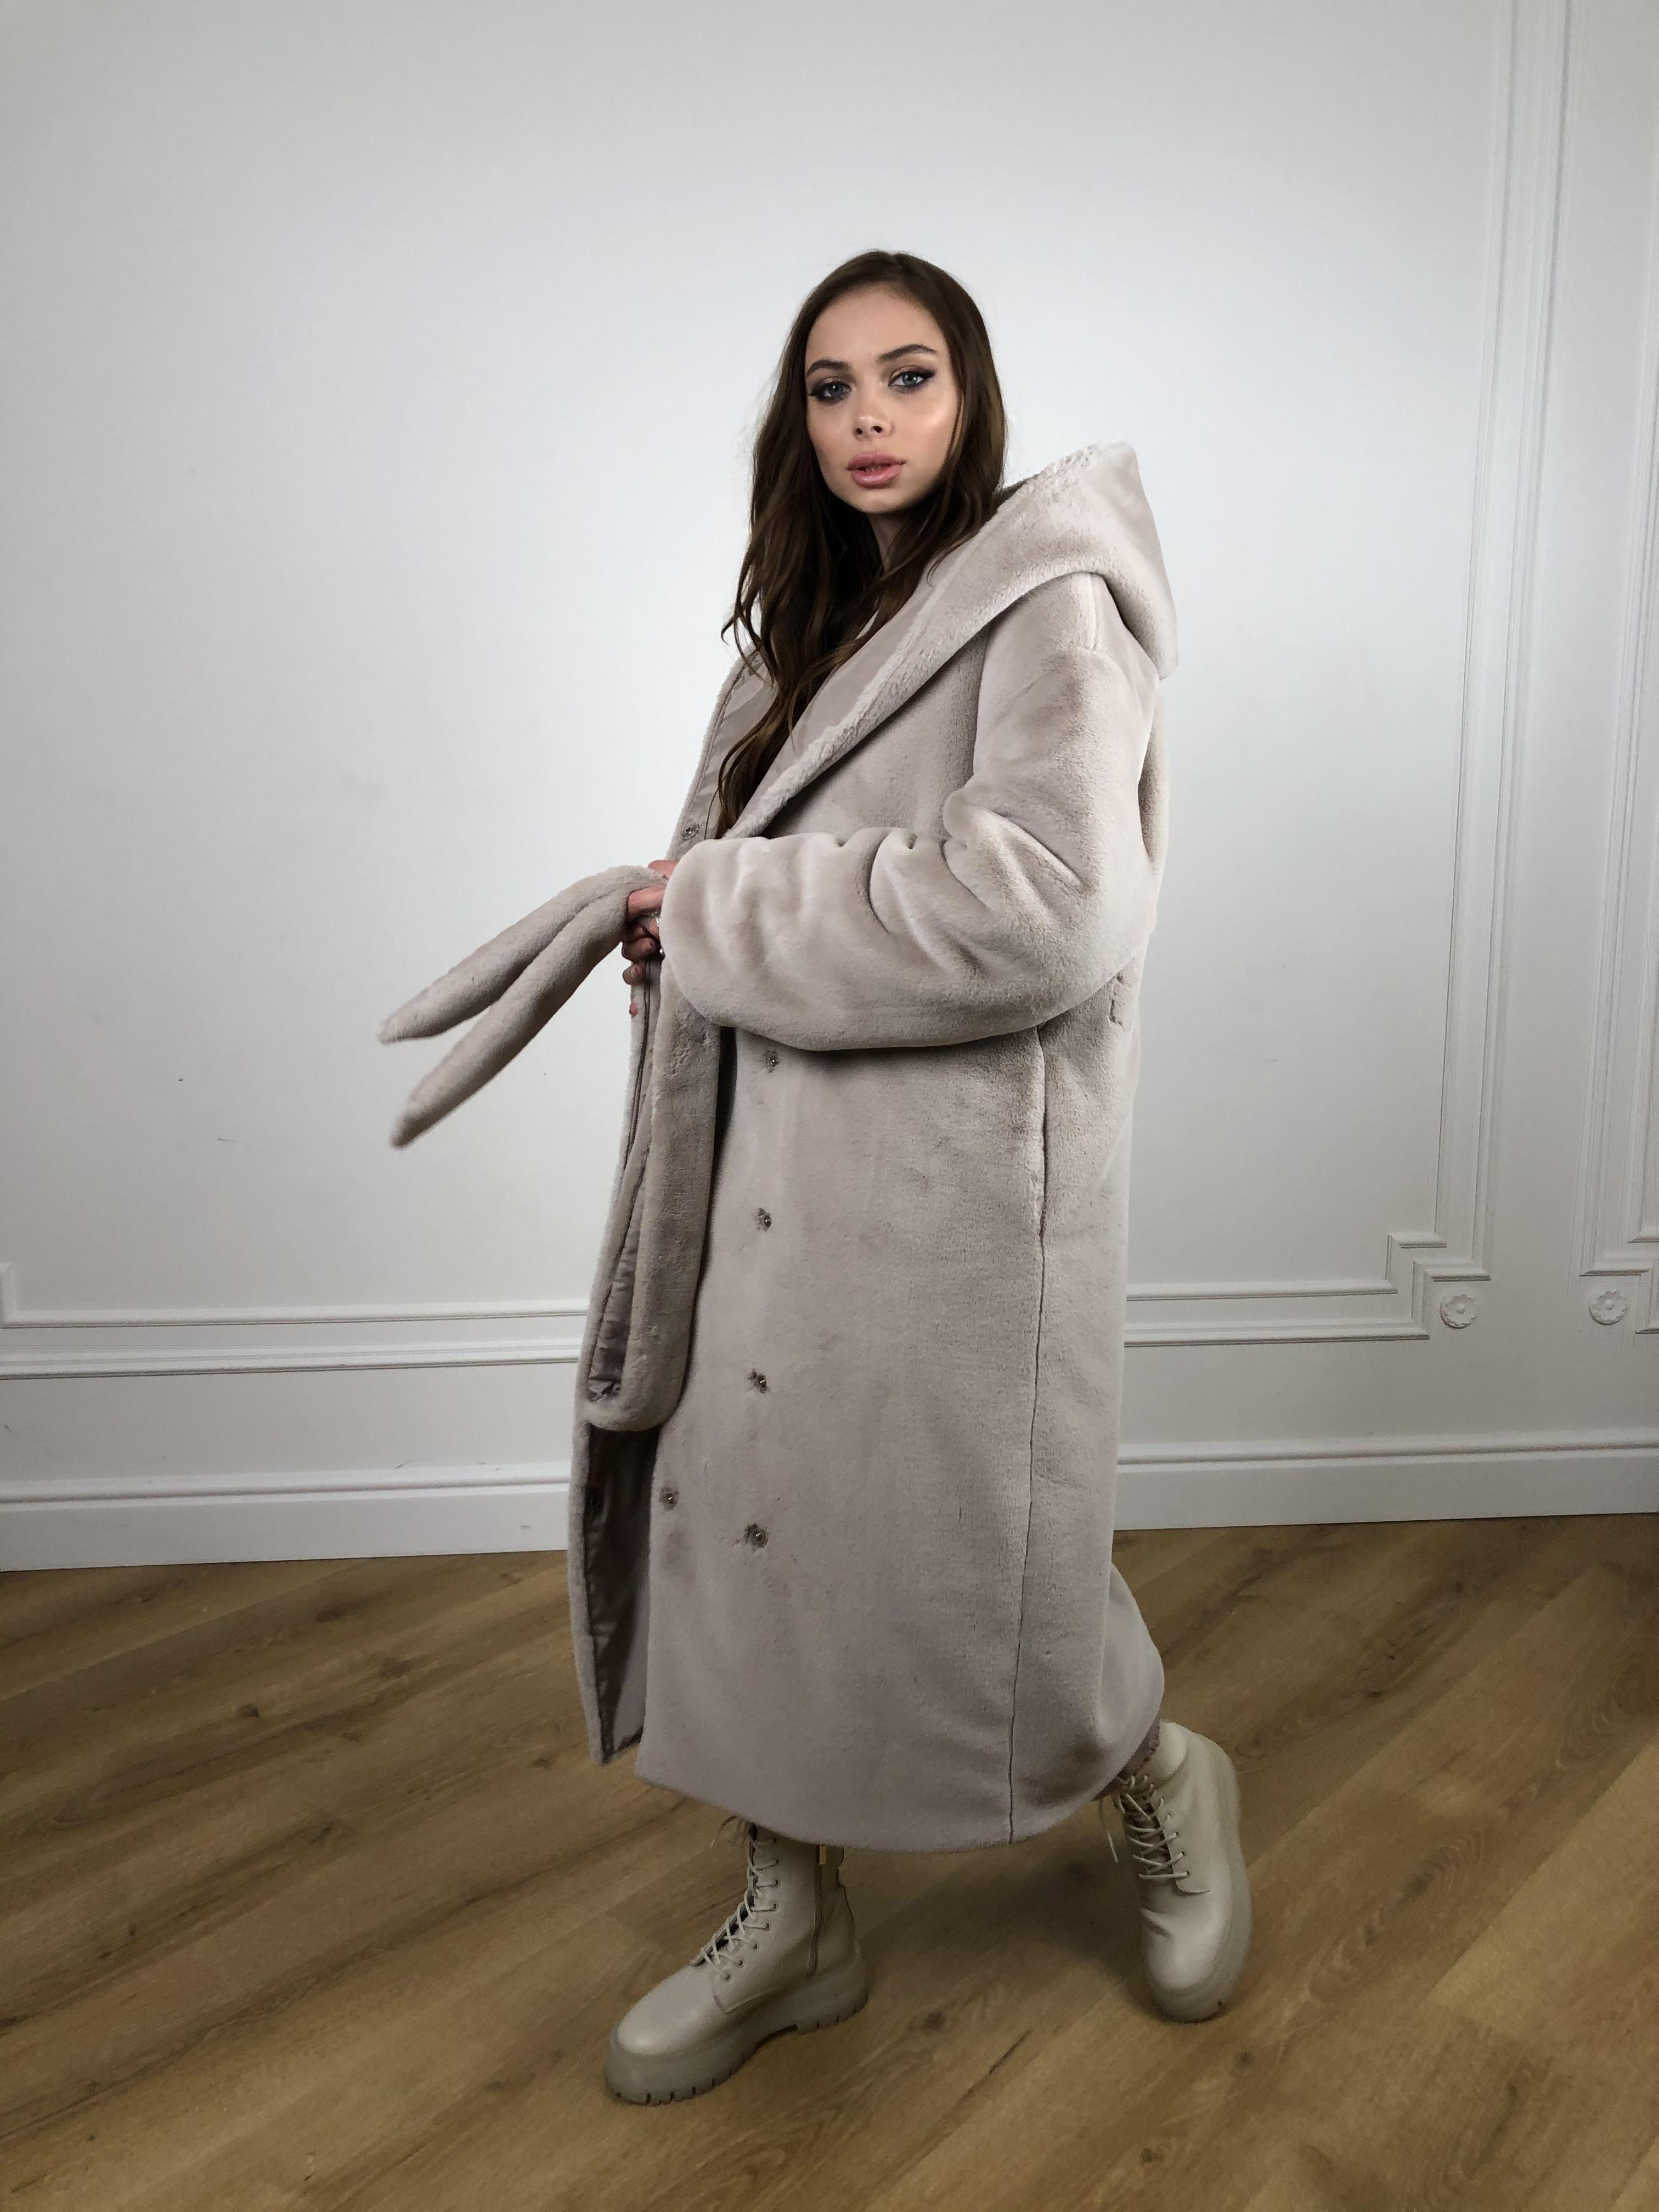 Сноу мех искуственный кролик   плащевка Канада зима пальто 10346 АРТ. 46646 Цвет: Св.серый/Кофе - фото 9, интернет магазин tm-modus.ru